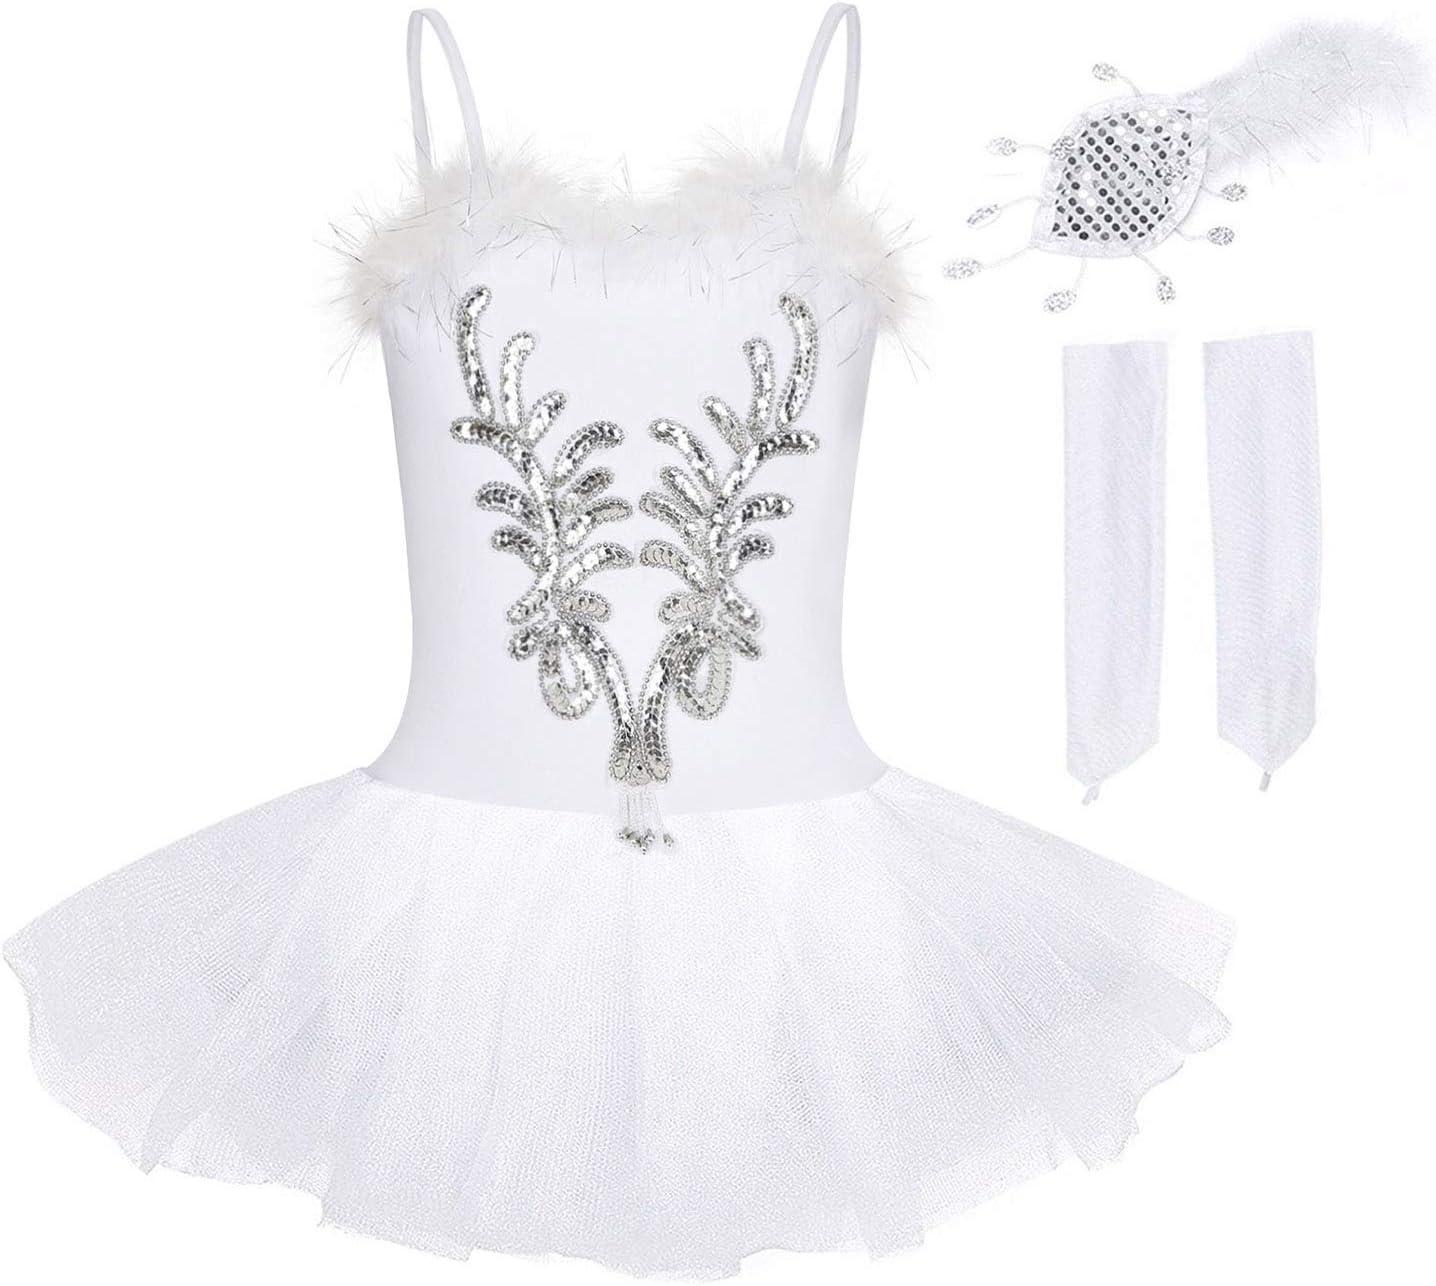 FONLAM Vestito Body da Balletto Danza Cigno per Bambine Ragazze Abiti Leotard Ballet Tutu Ginnastica Ragazza Paillettes